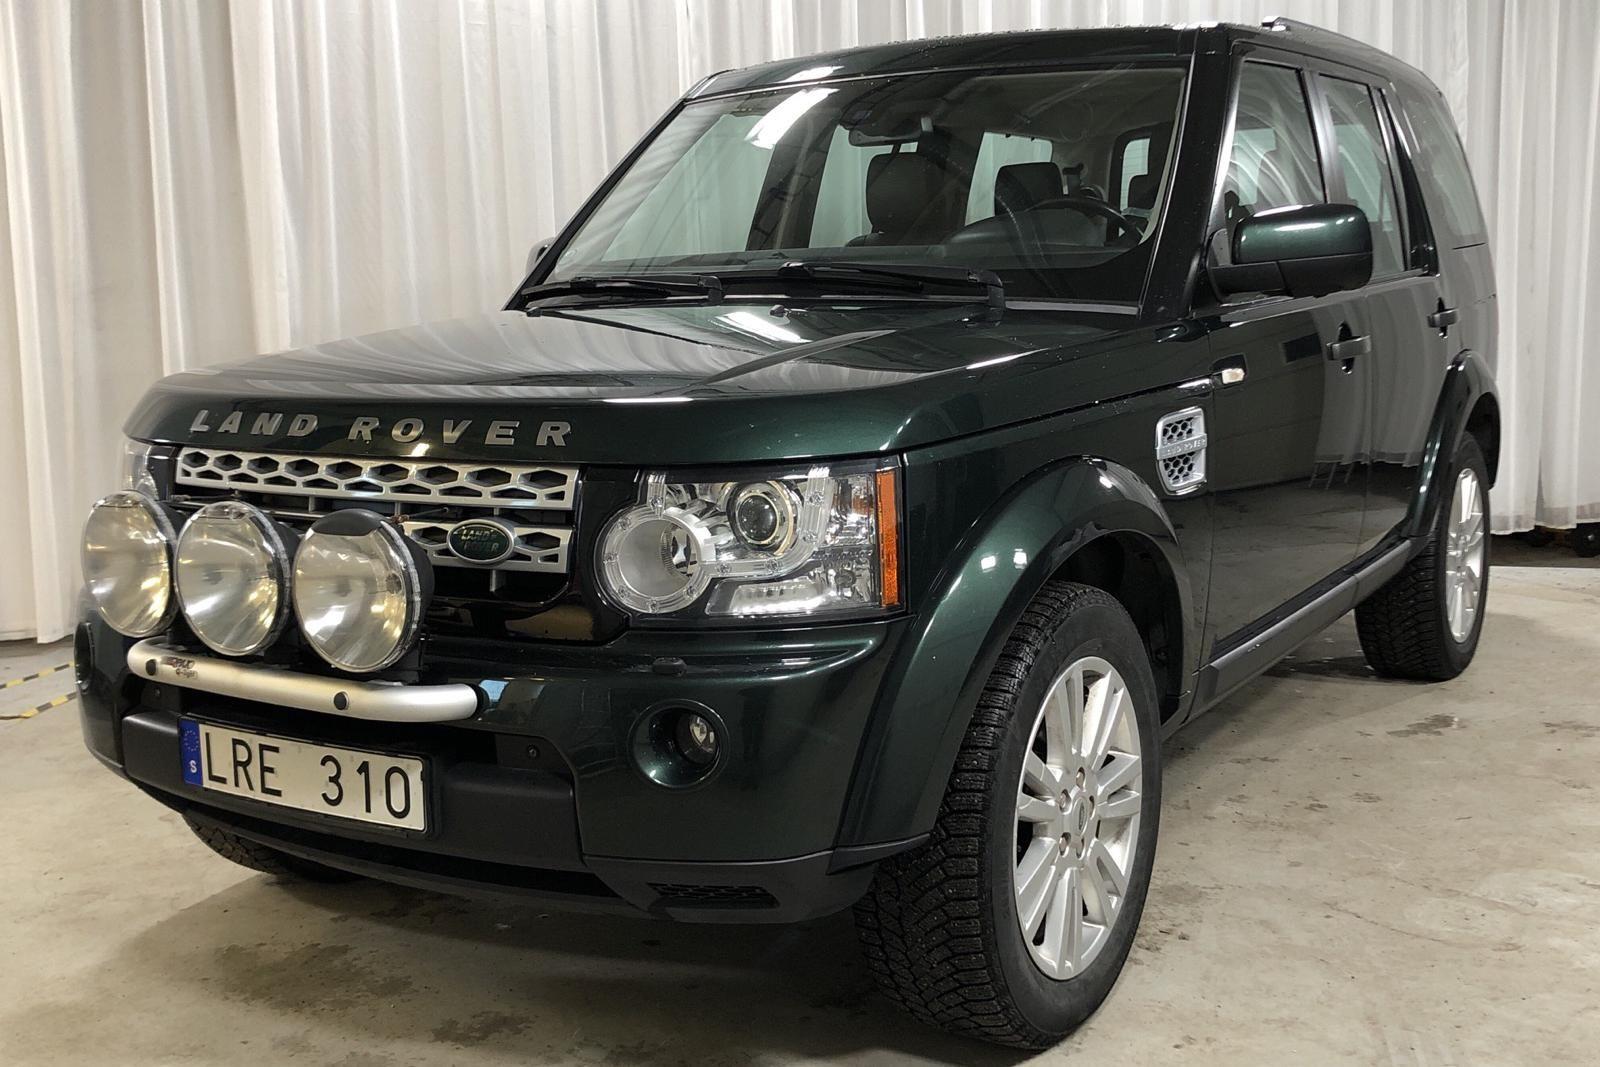 Land Rover Entdeckung